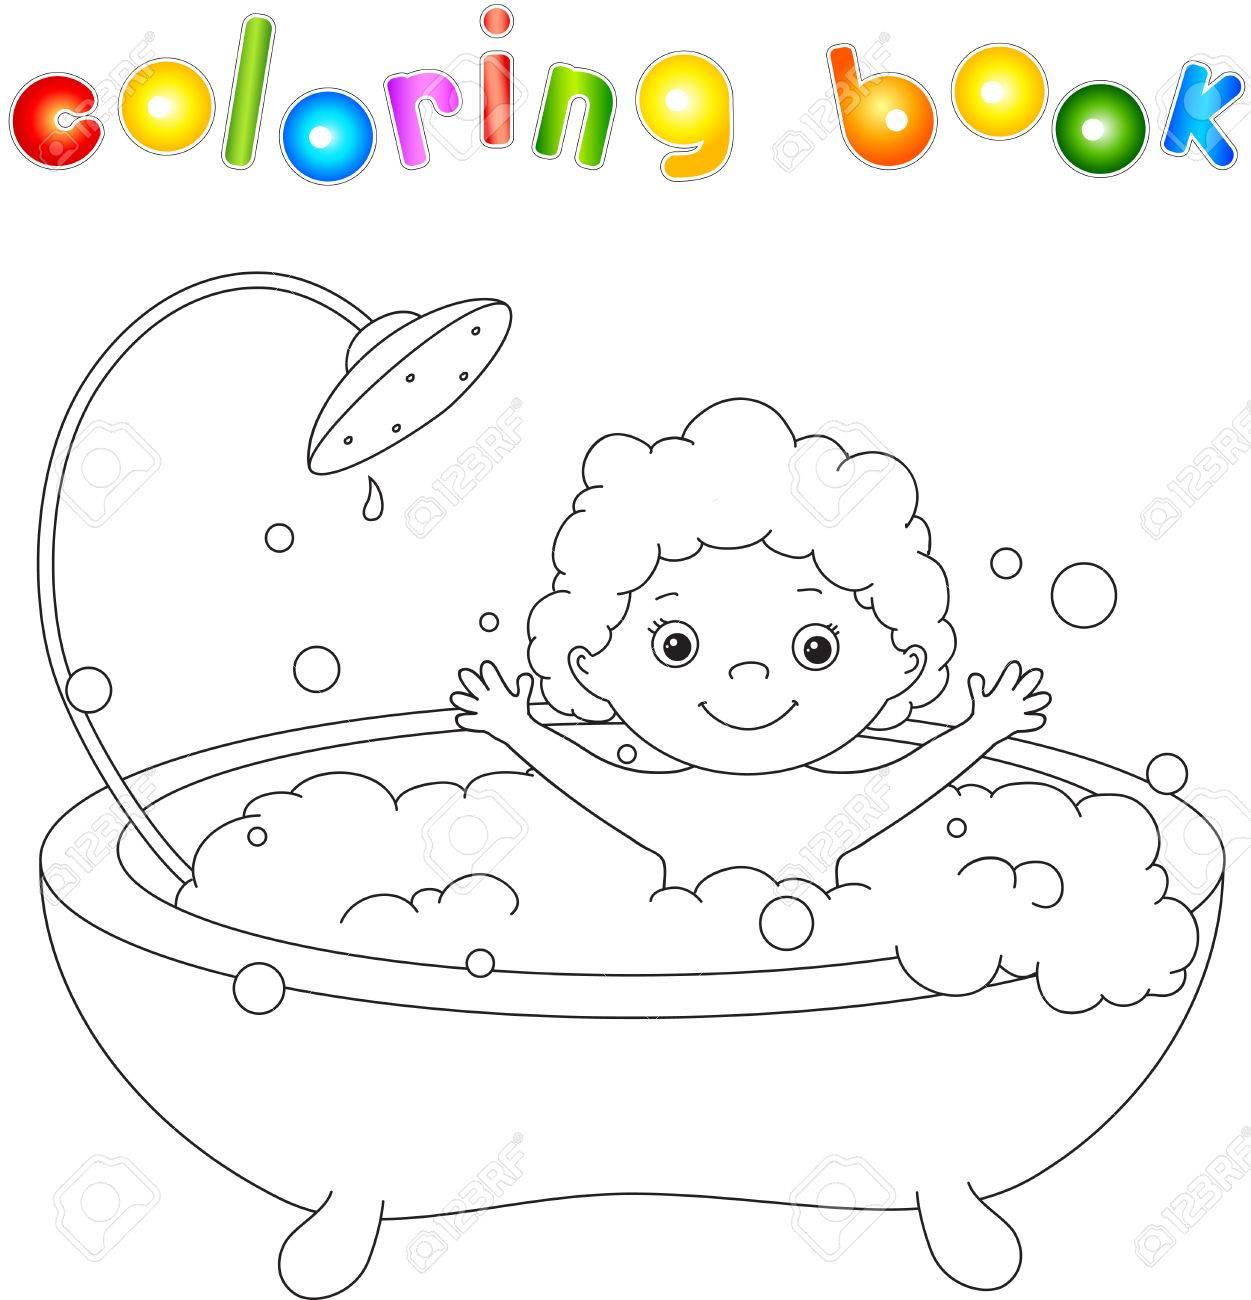 Bañarse Niño Ute En El Baño Con Espuma Y La Risa Libro De Colorear Ilustración